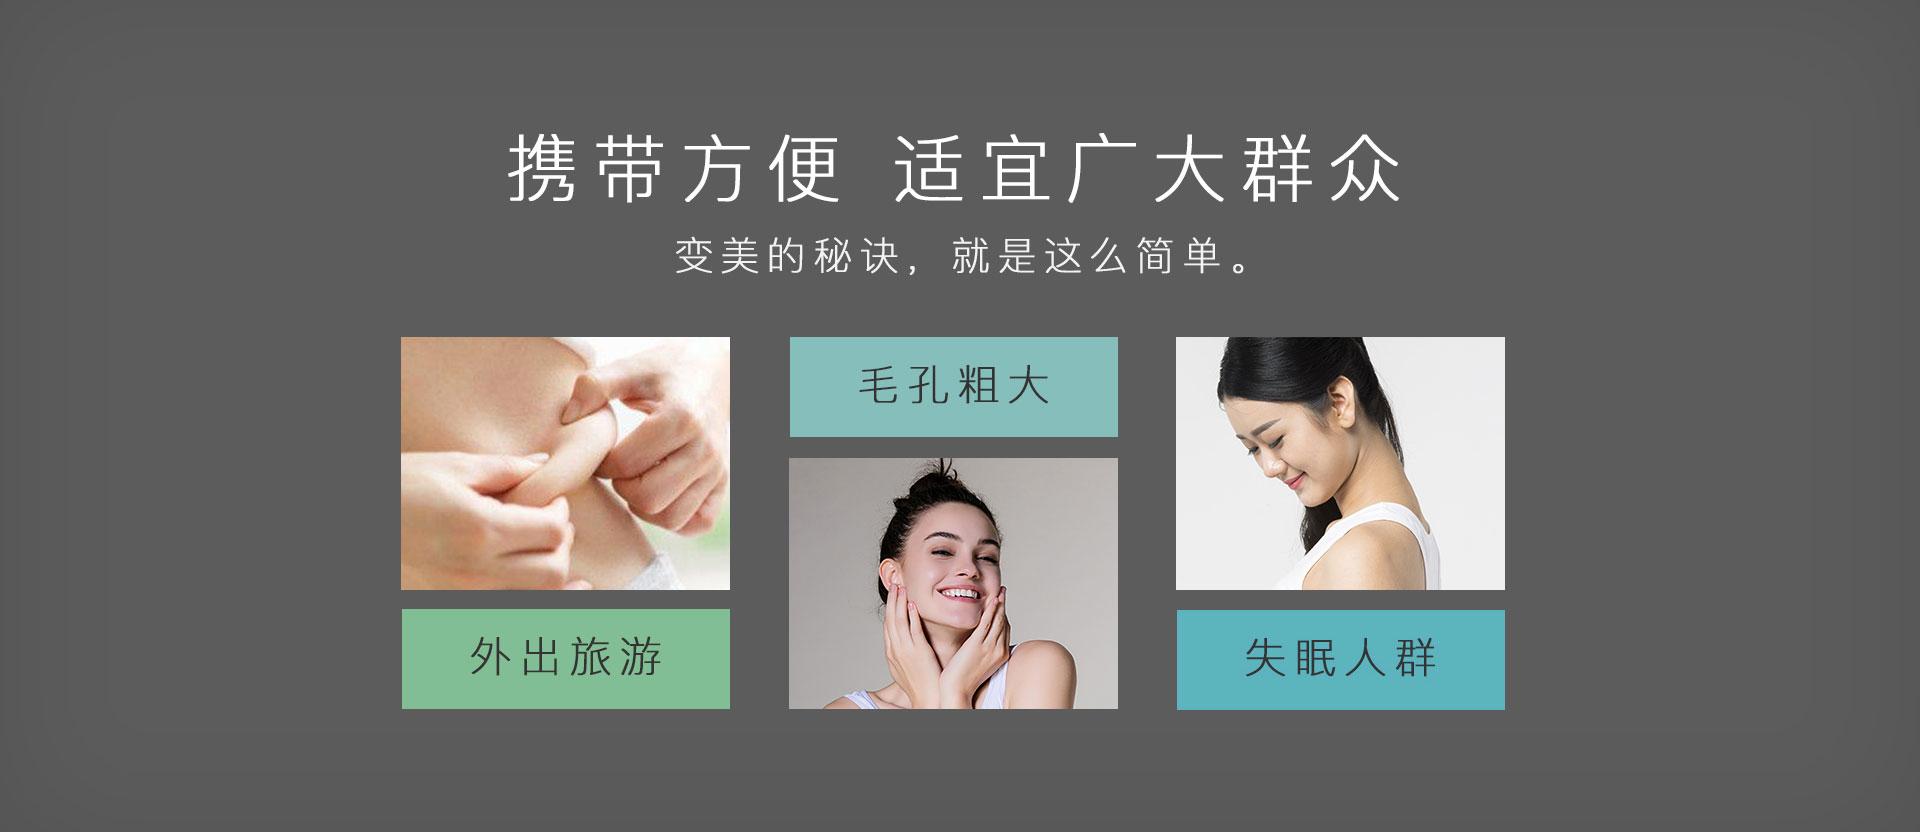 美容按摩刮痧 V脸按摩美颜器适合人群